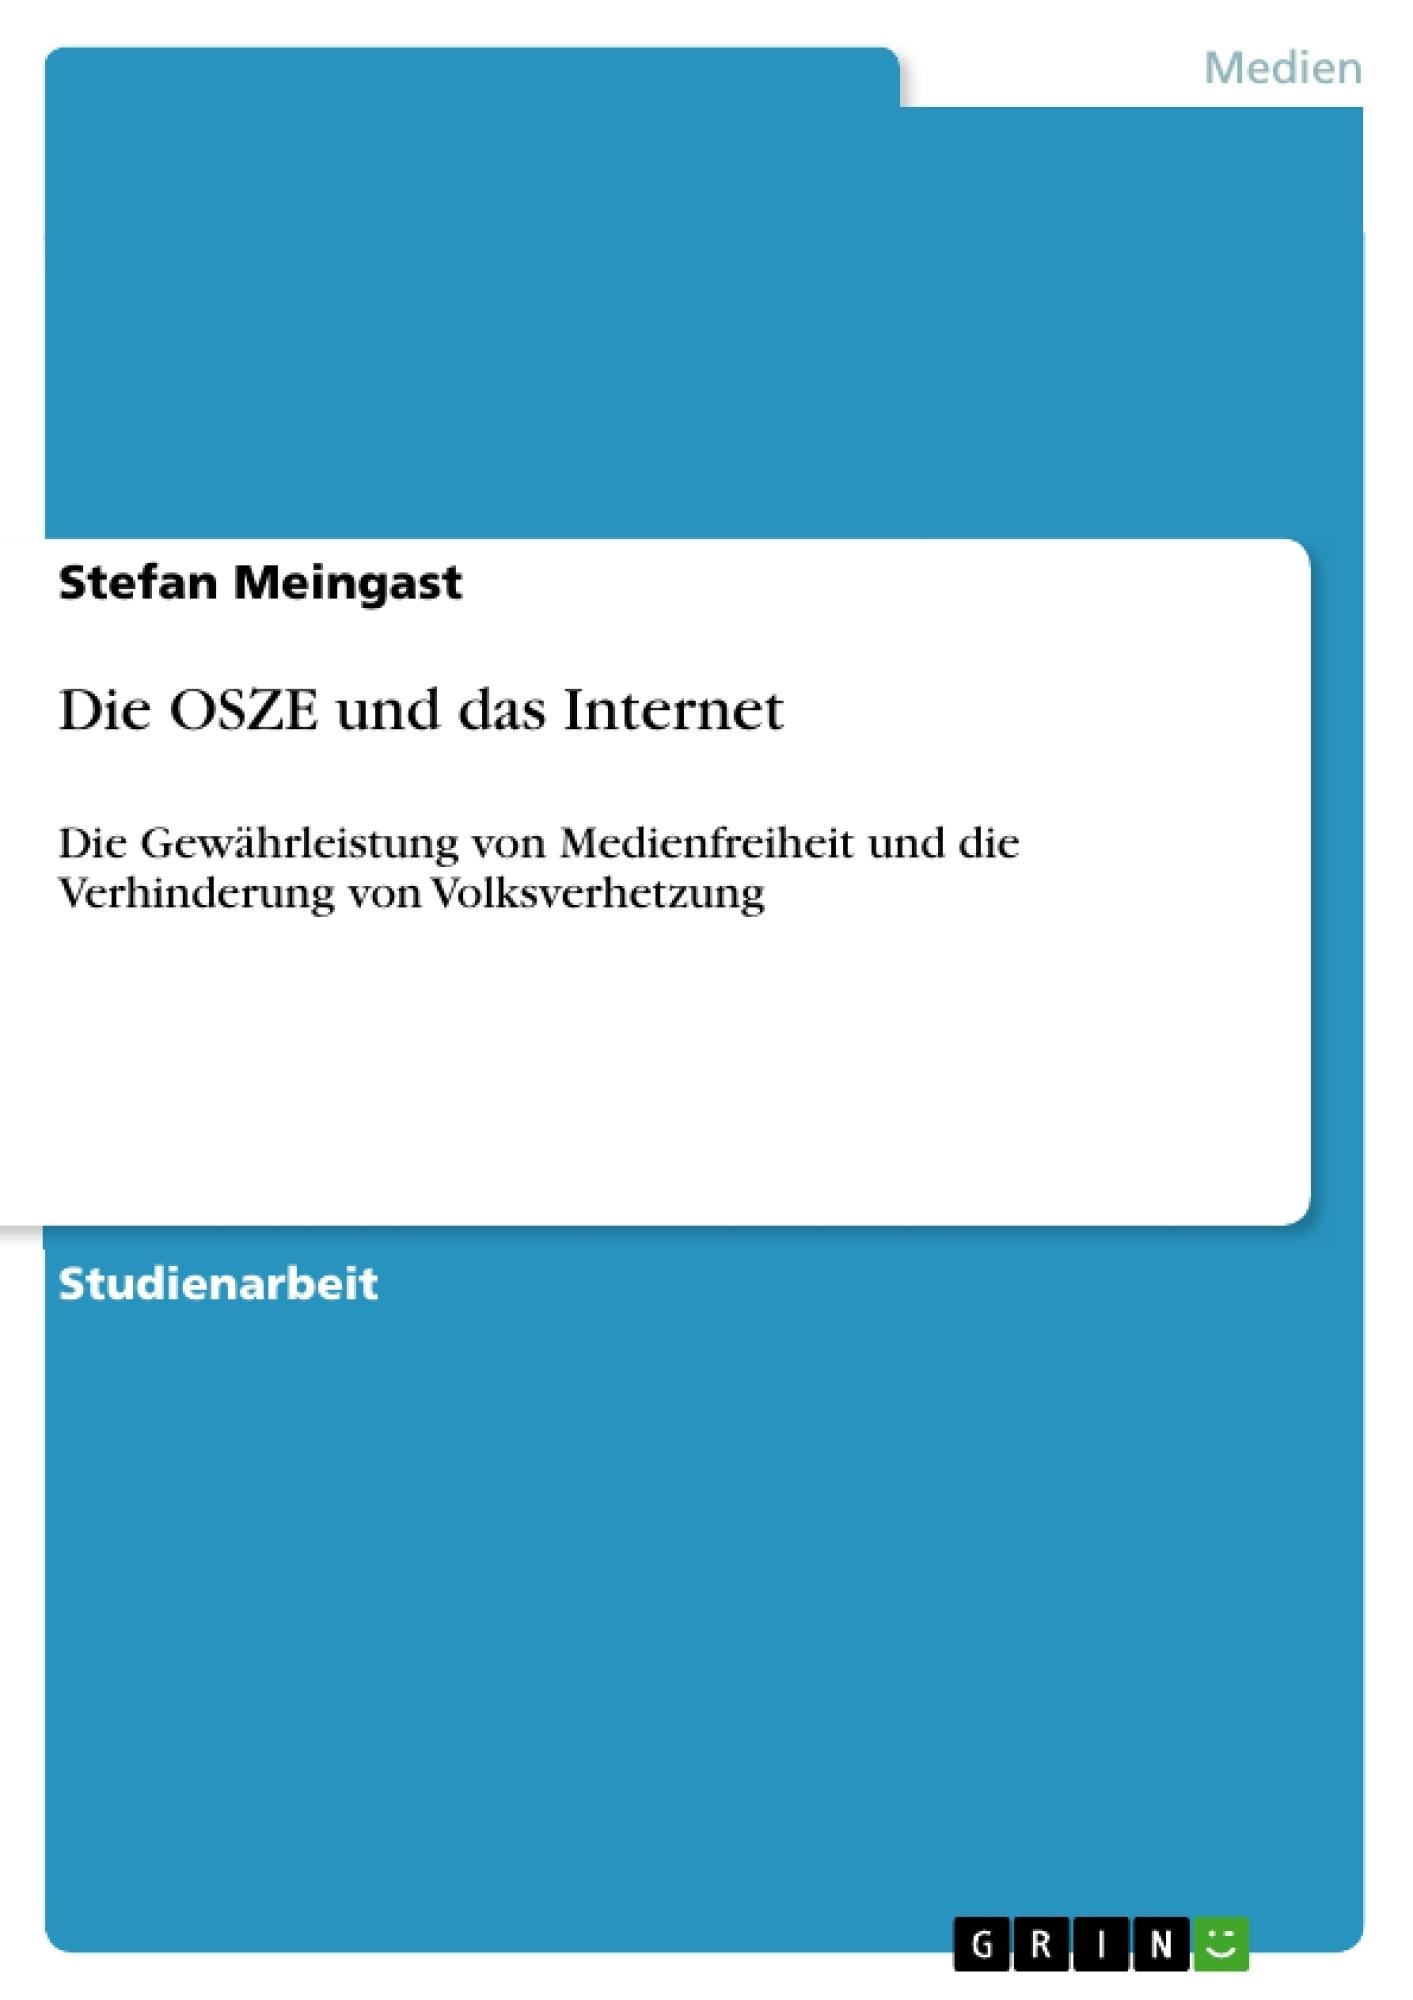 Titel: Die OSZE und das Internet